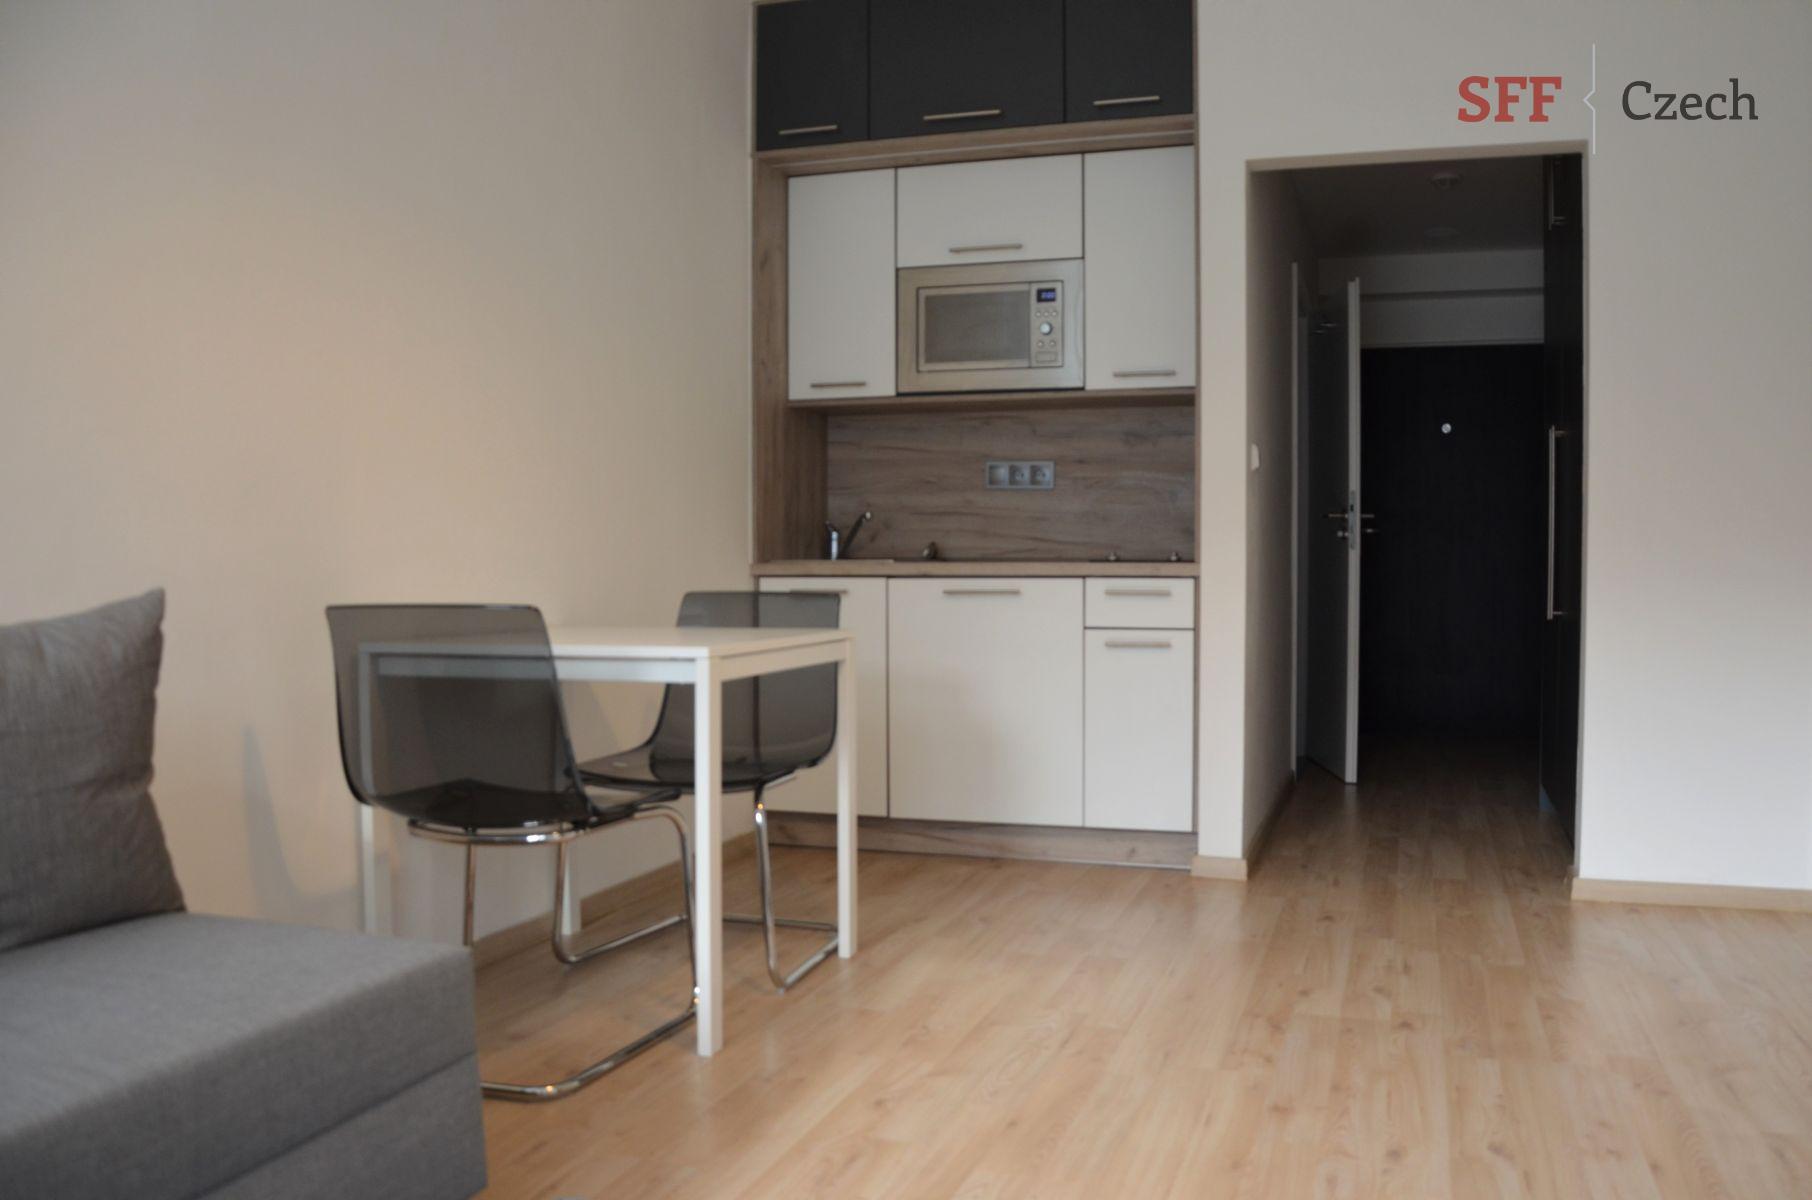 Moderní nový byt 1+kk v rezidenci vbloku Praha 5 Mavazinky nedaleko Nový Smíchov Aněl